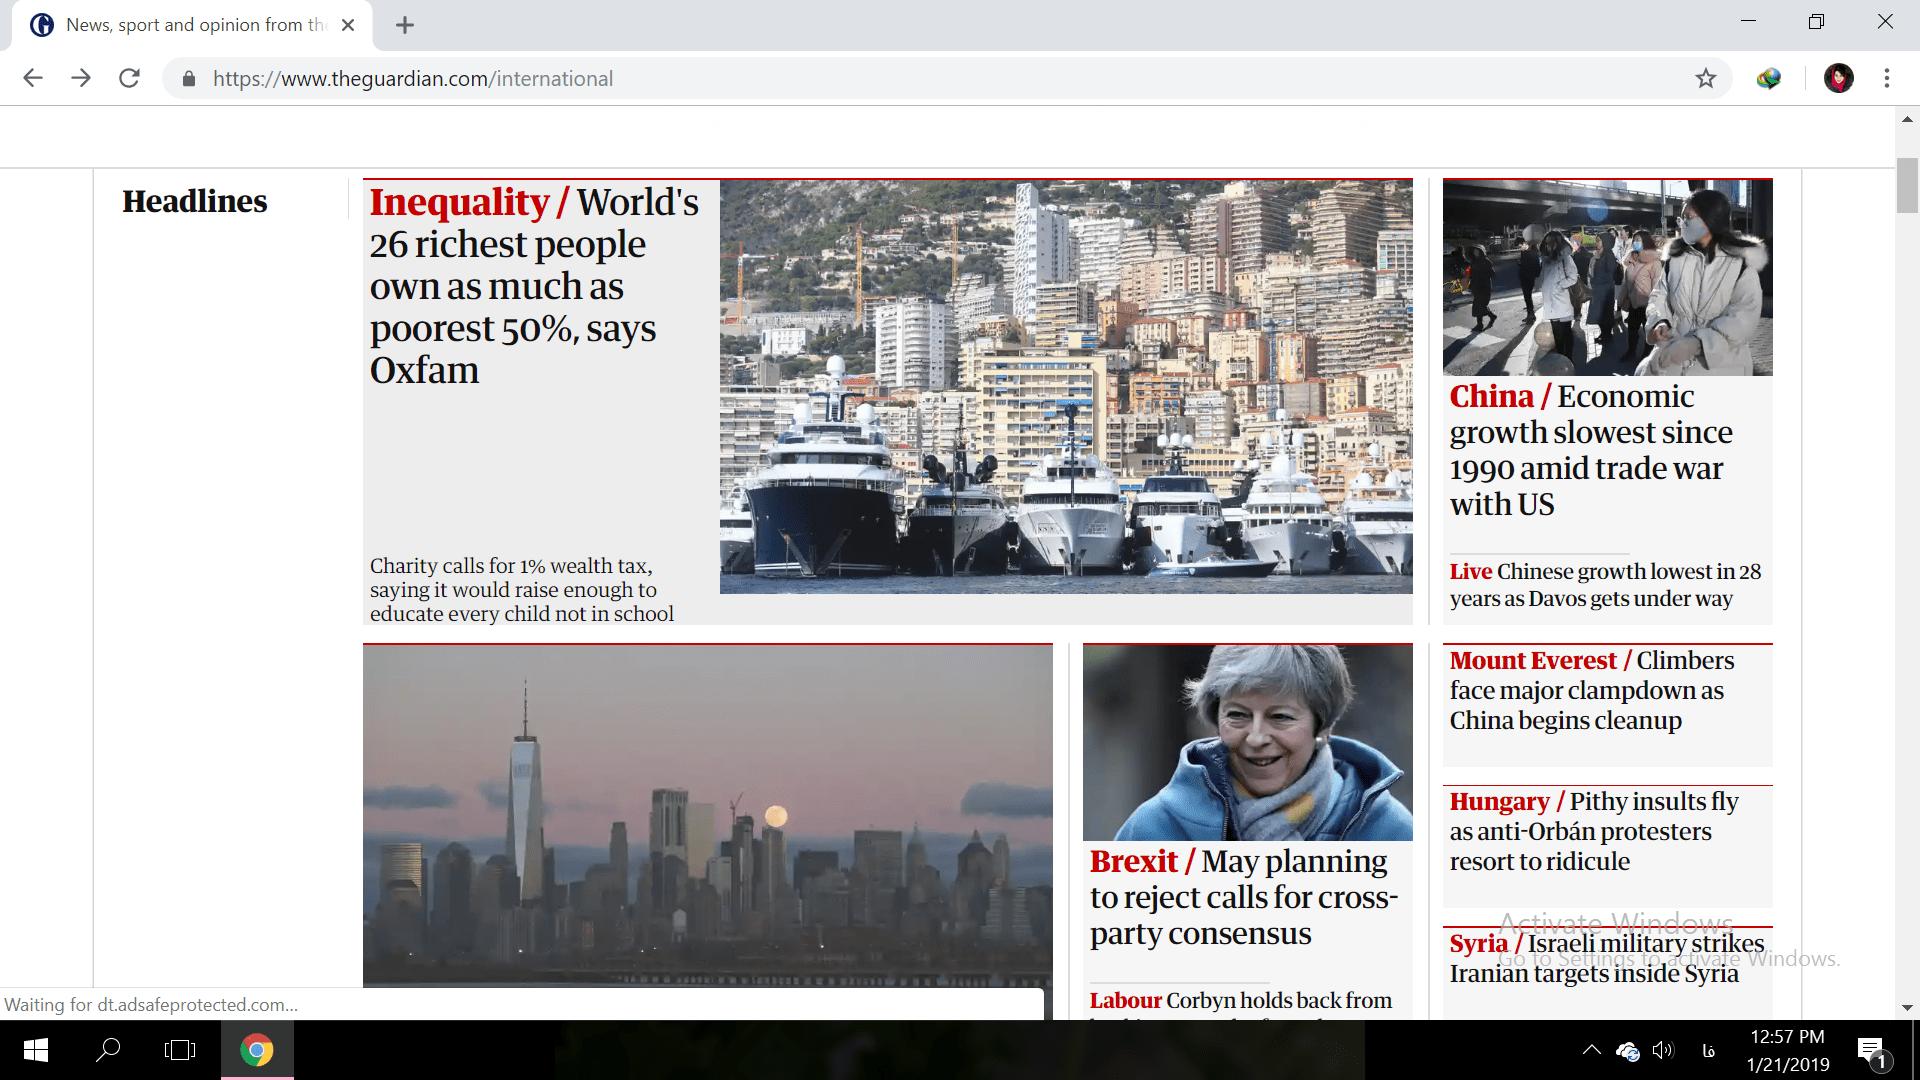 روزنامه گاردین 21 ژانویه